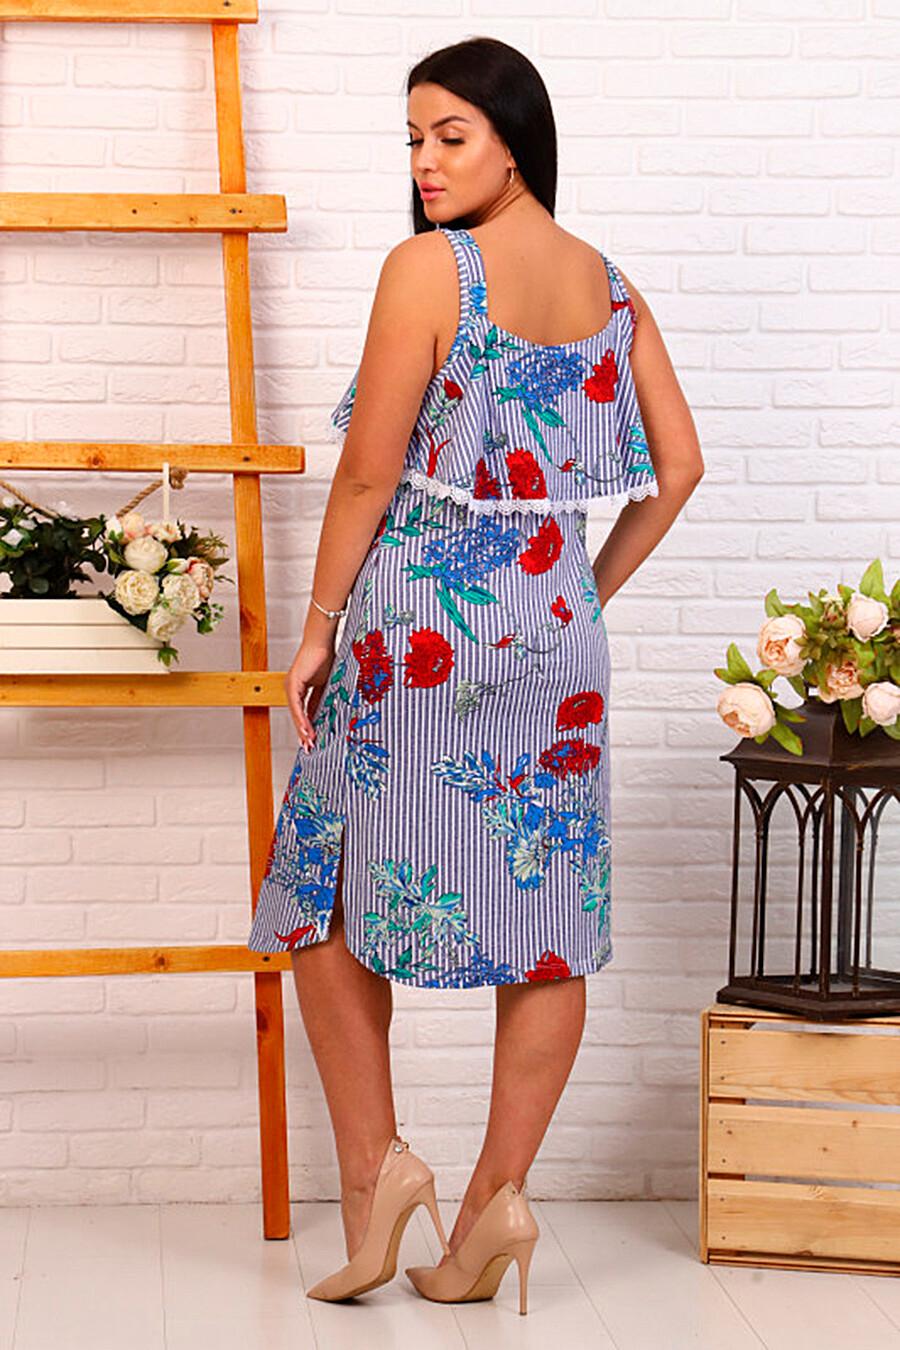 Сарафан для женщин SOFIYA37 668412 купить оптом от производителя. Совместная покупка женской одежды в OptMoyo